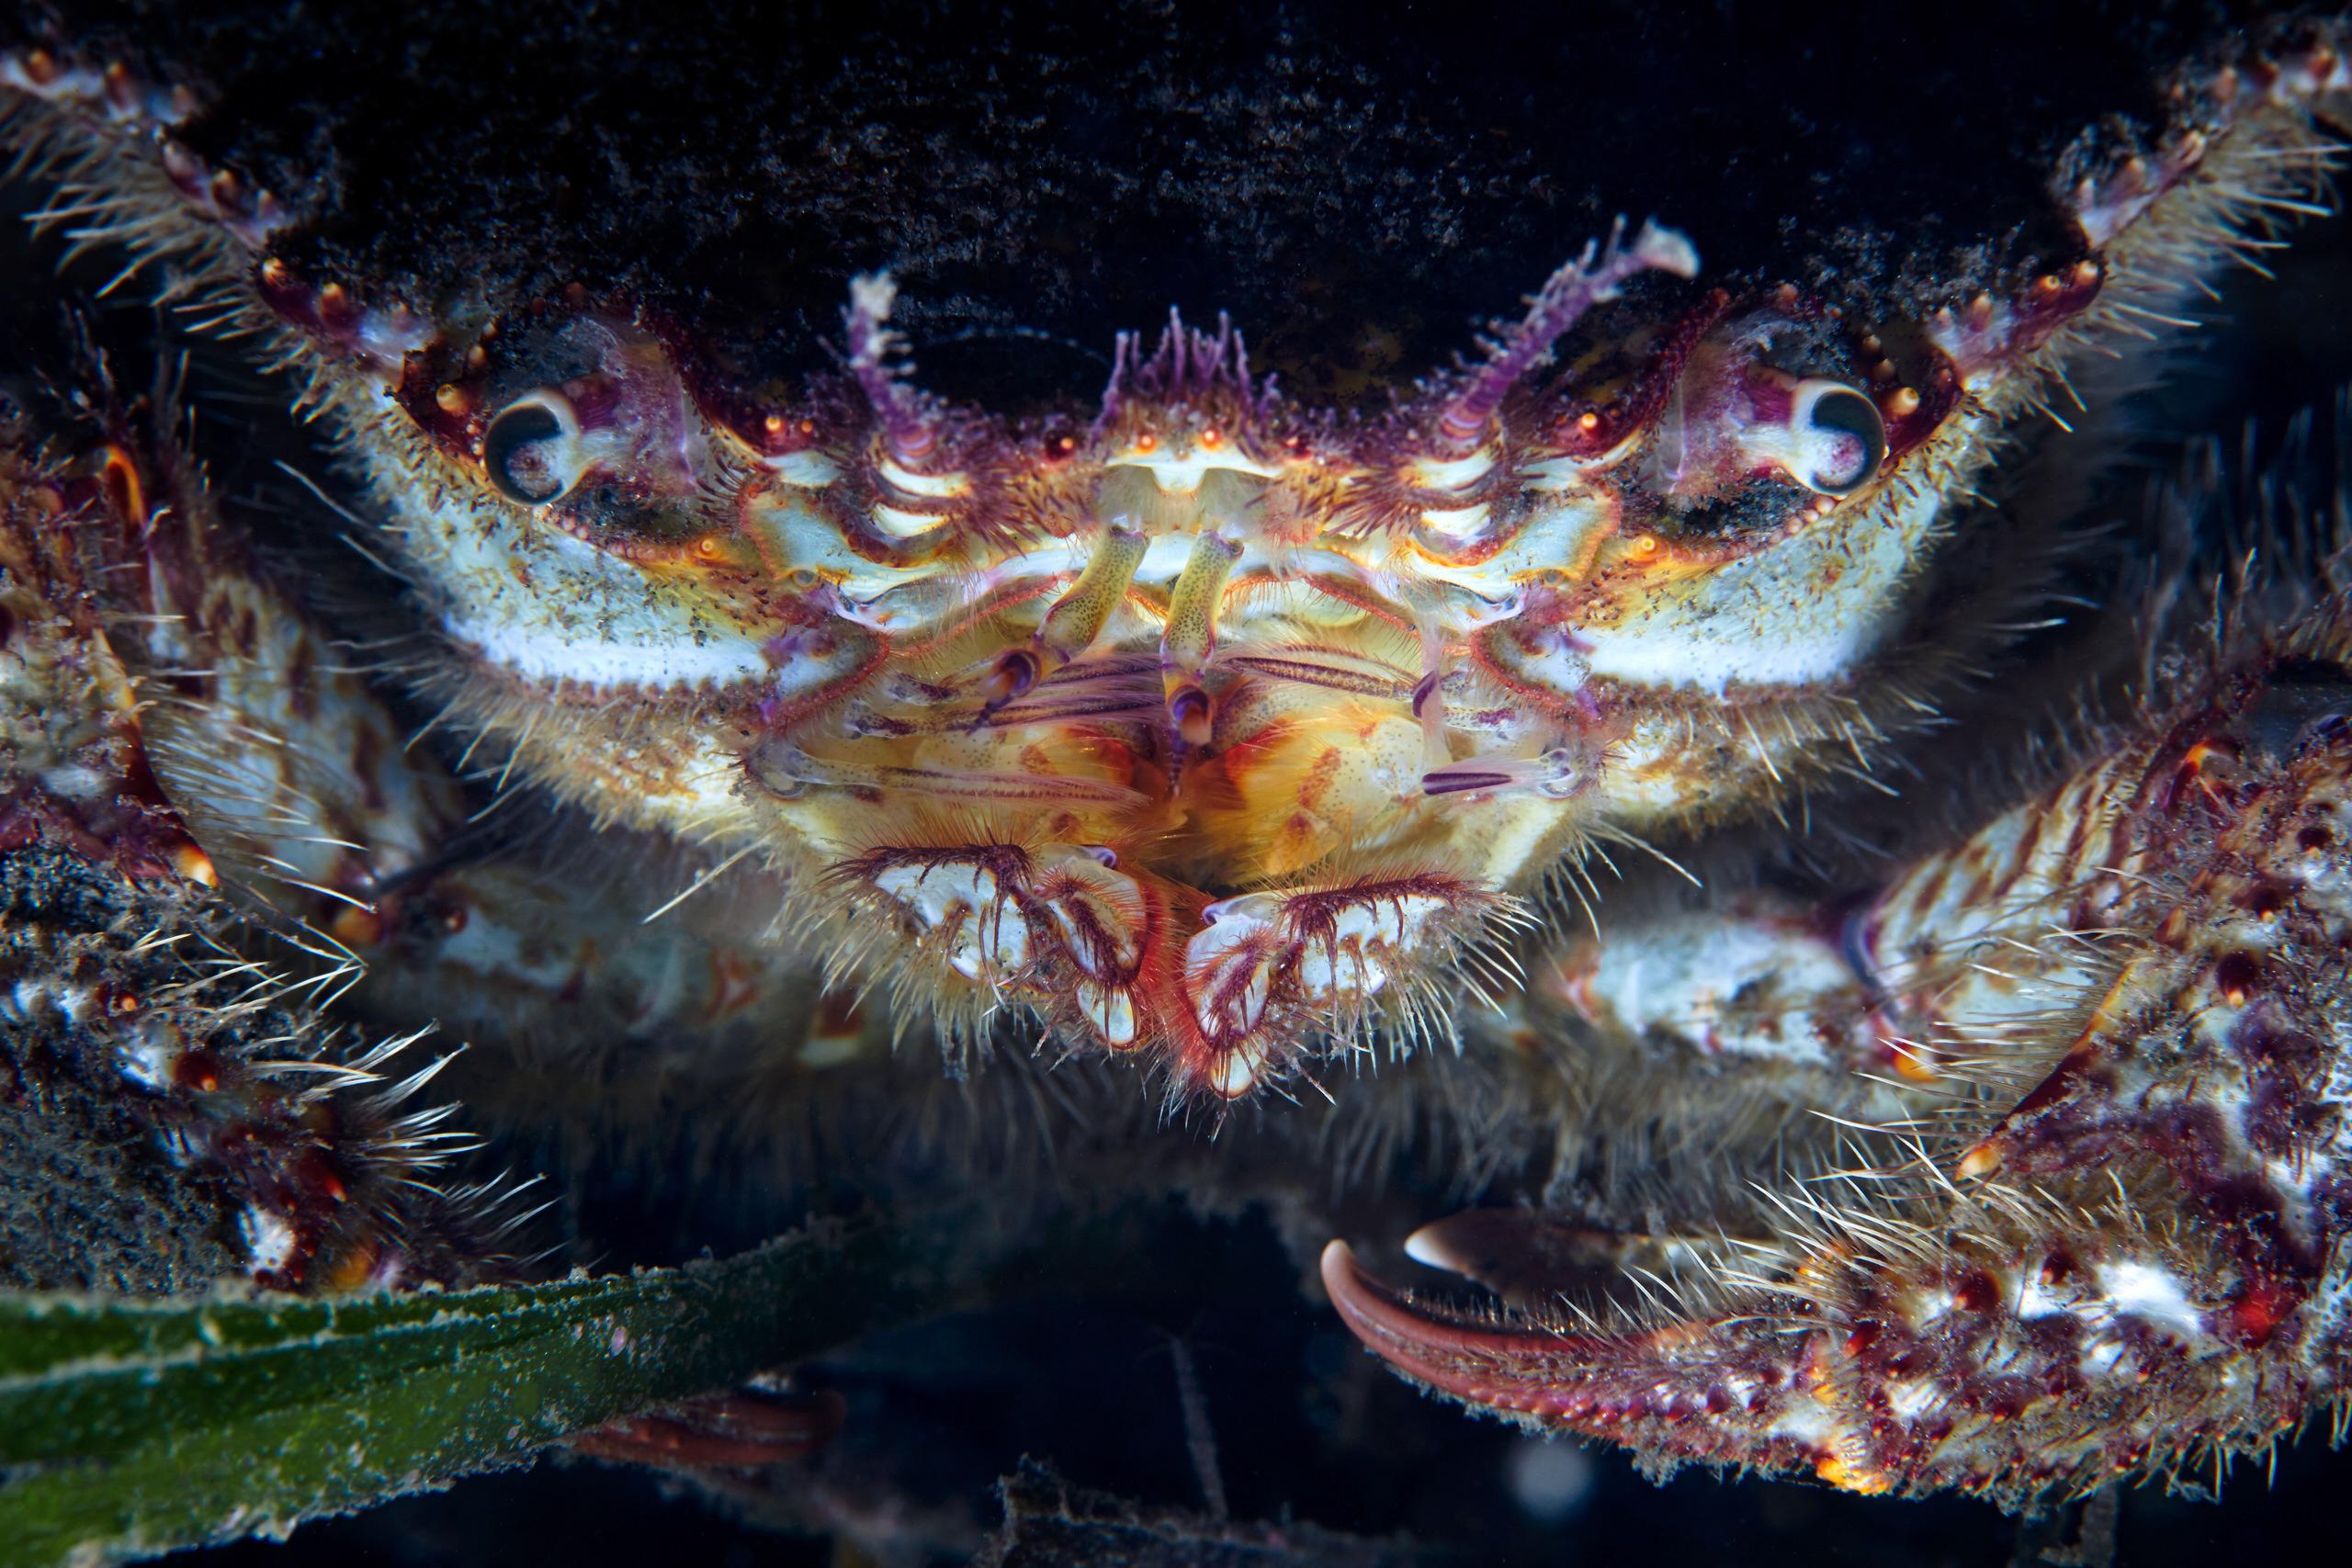 Crab – Erimacrus isenbeckii 2